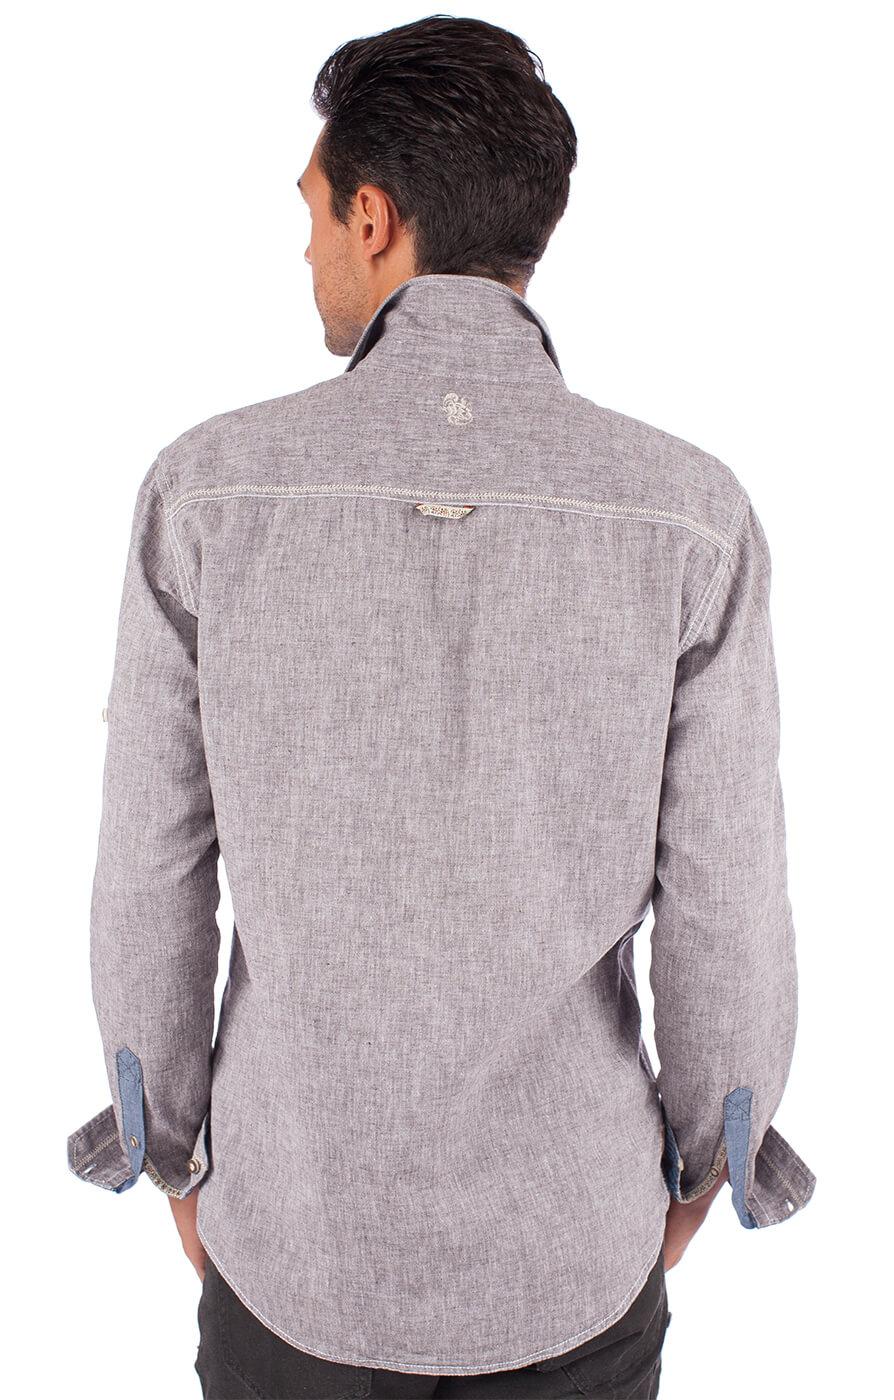 weitere Bilder von Trachtenhemd 92103 grau